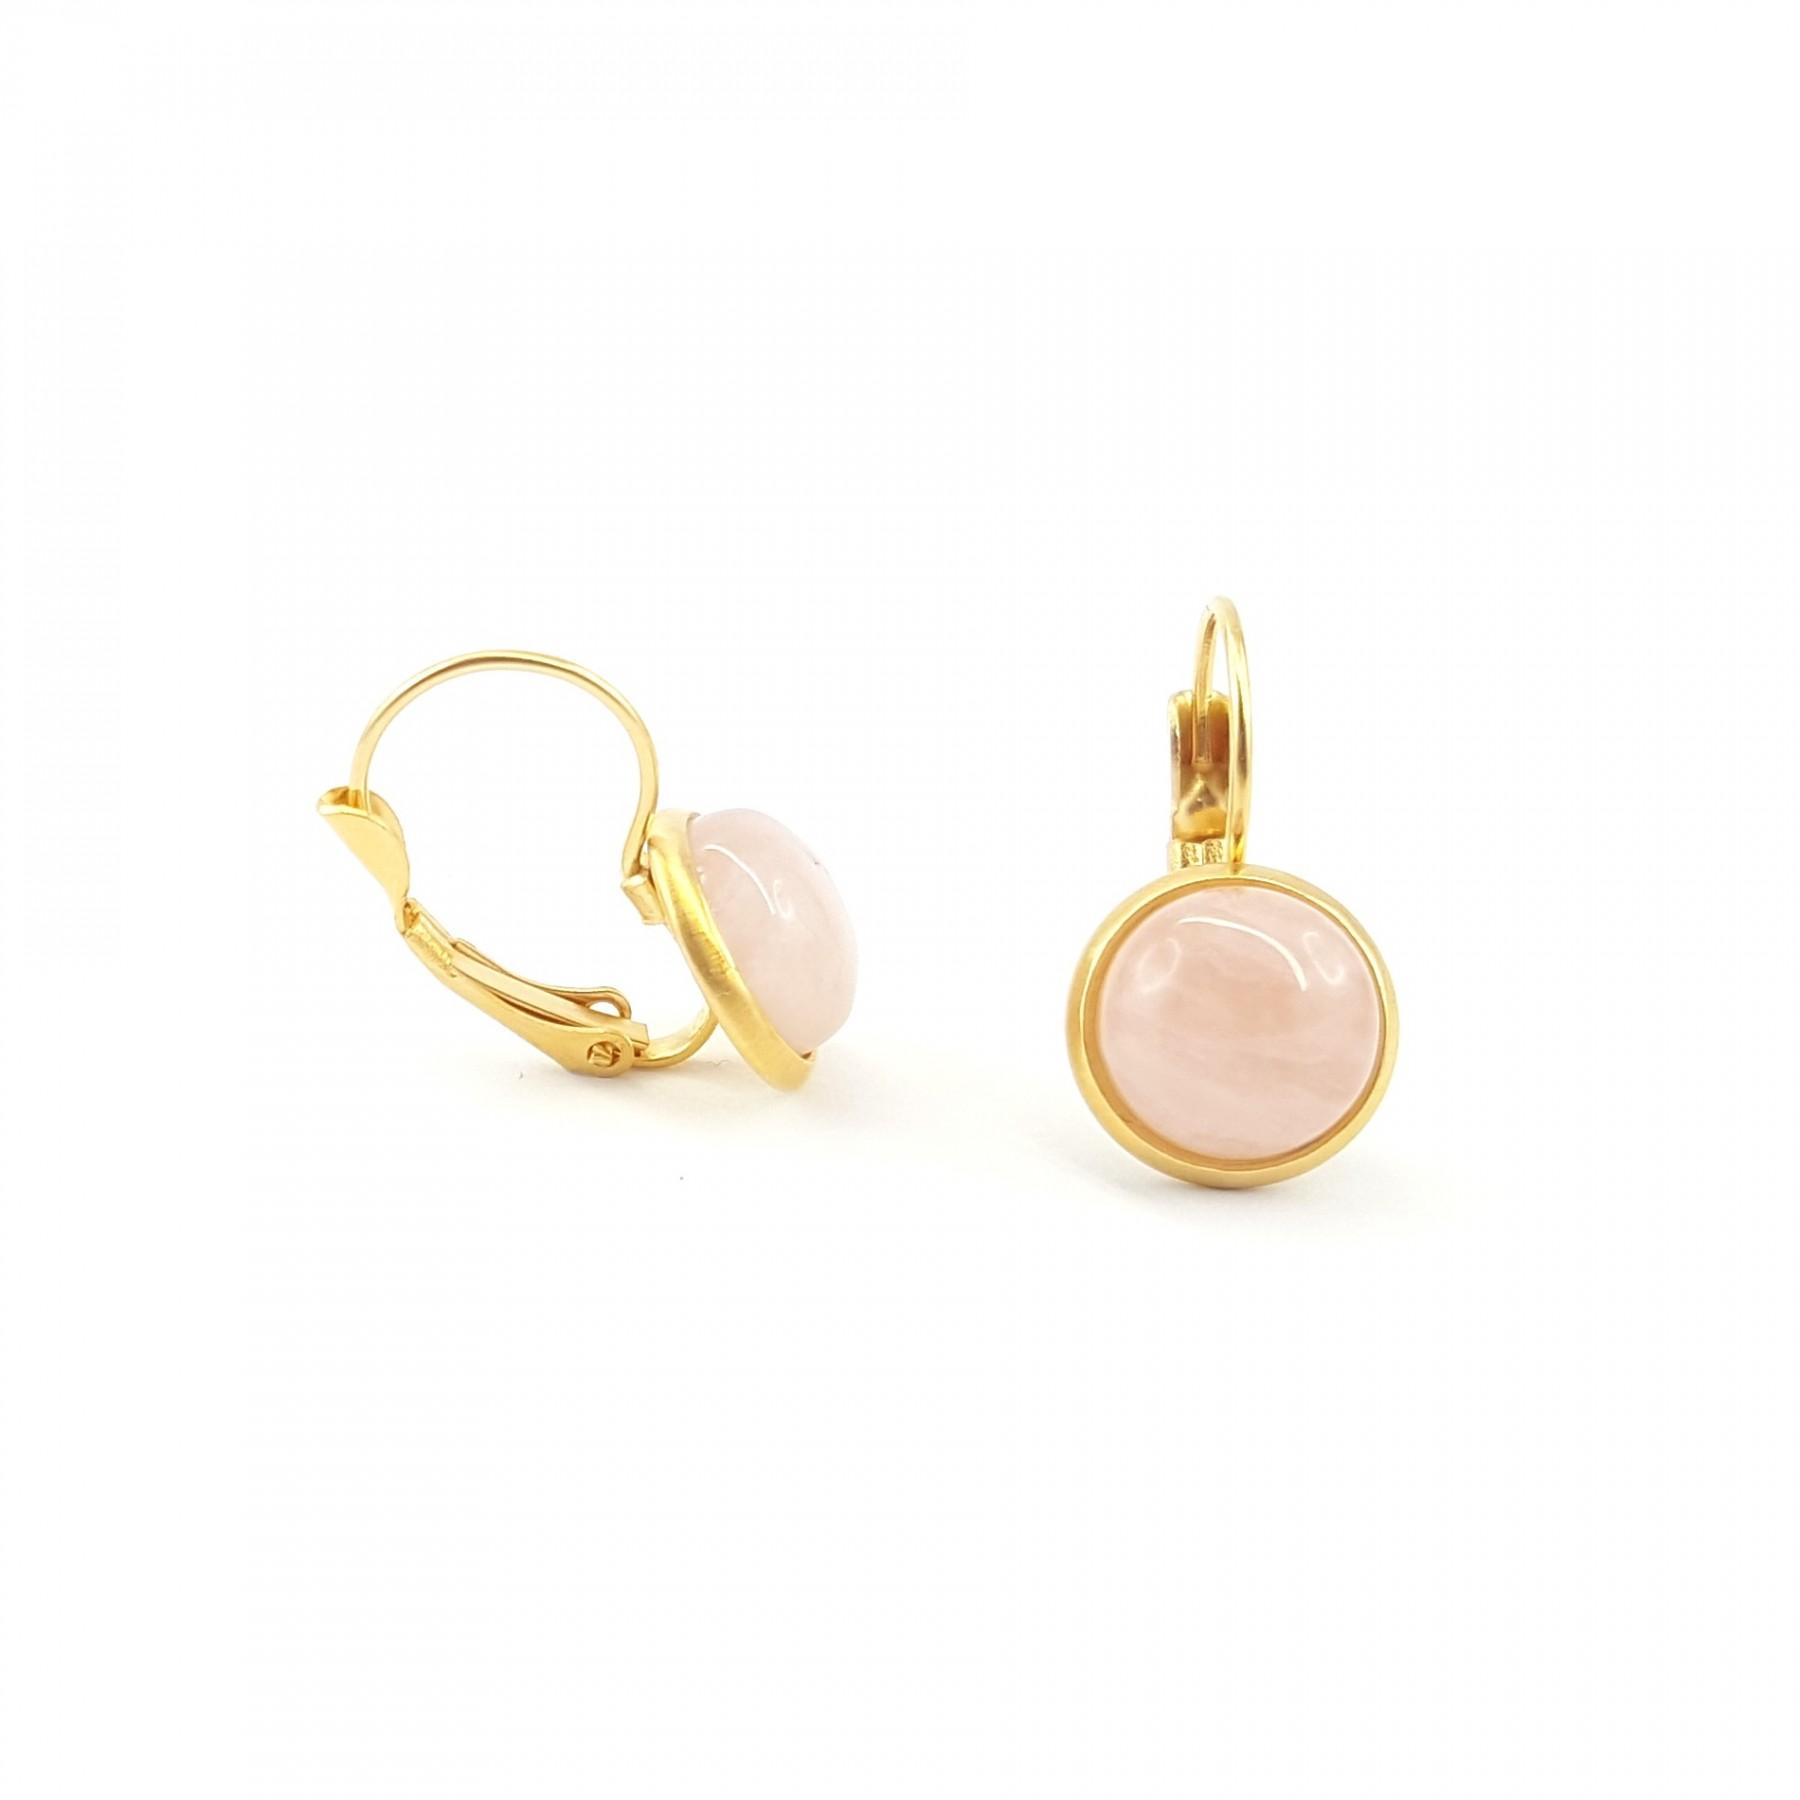 Dormeuses quartz rose plaqué or